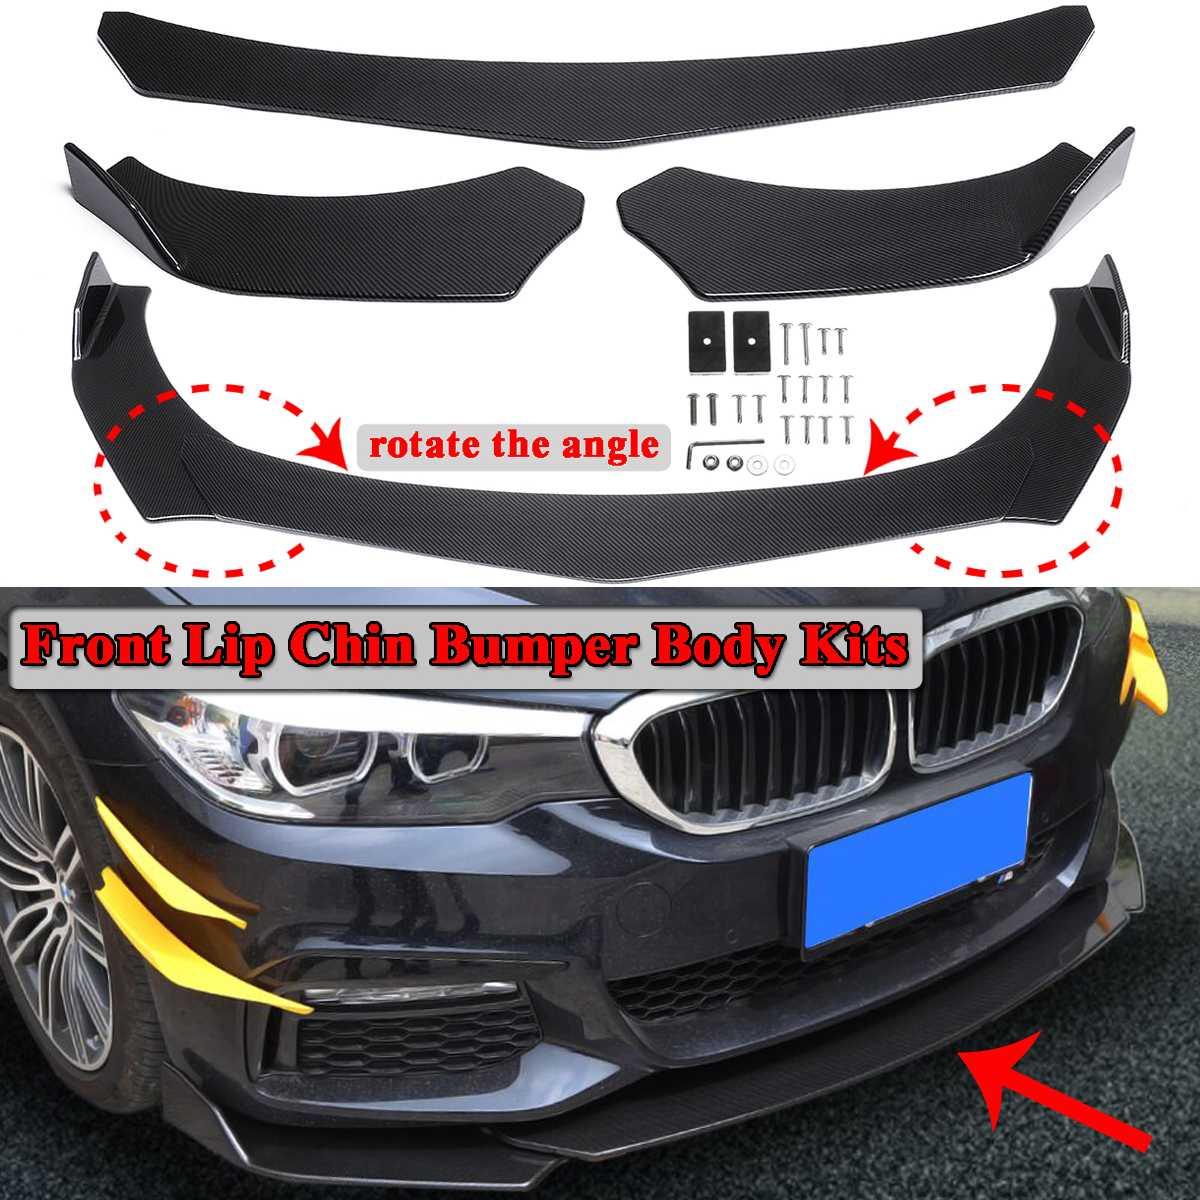 مصد أمامي عالمي من ألياف الكربون ، طقم جسم السيارة ، BMW F10 F30 F32 F36 F80 M3 F82 M4 G30 ، 3 قطعة